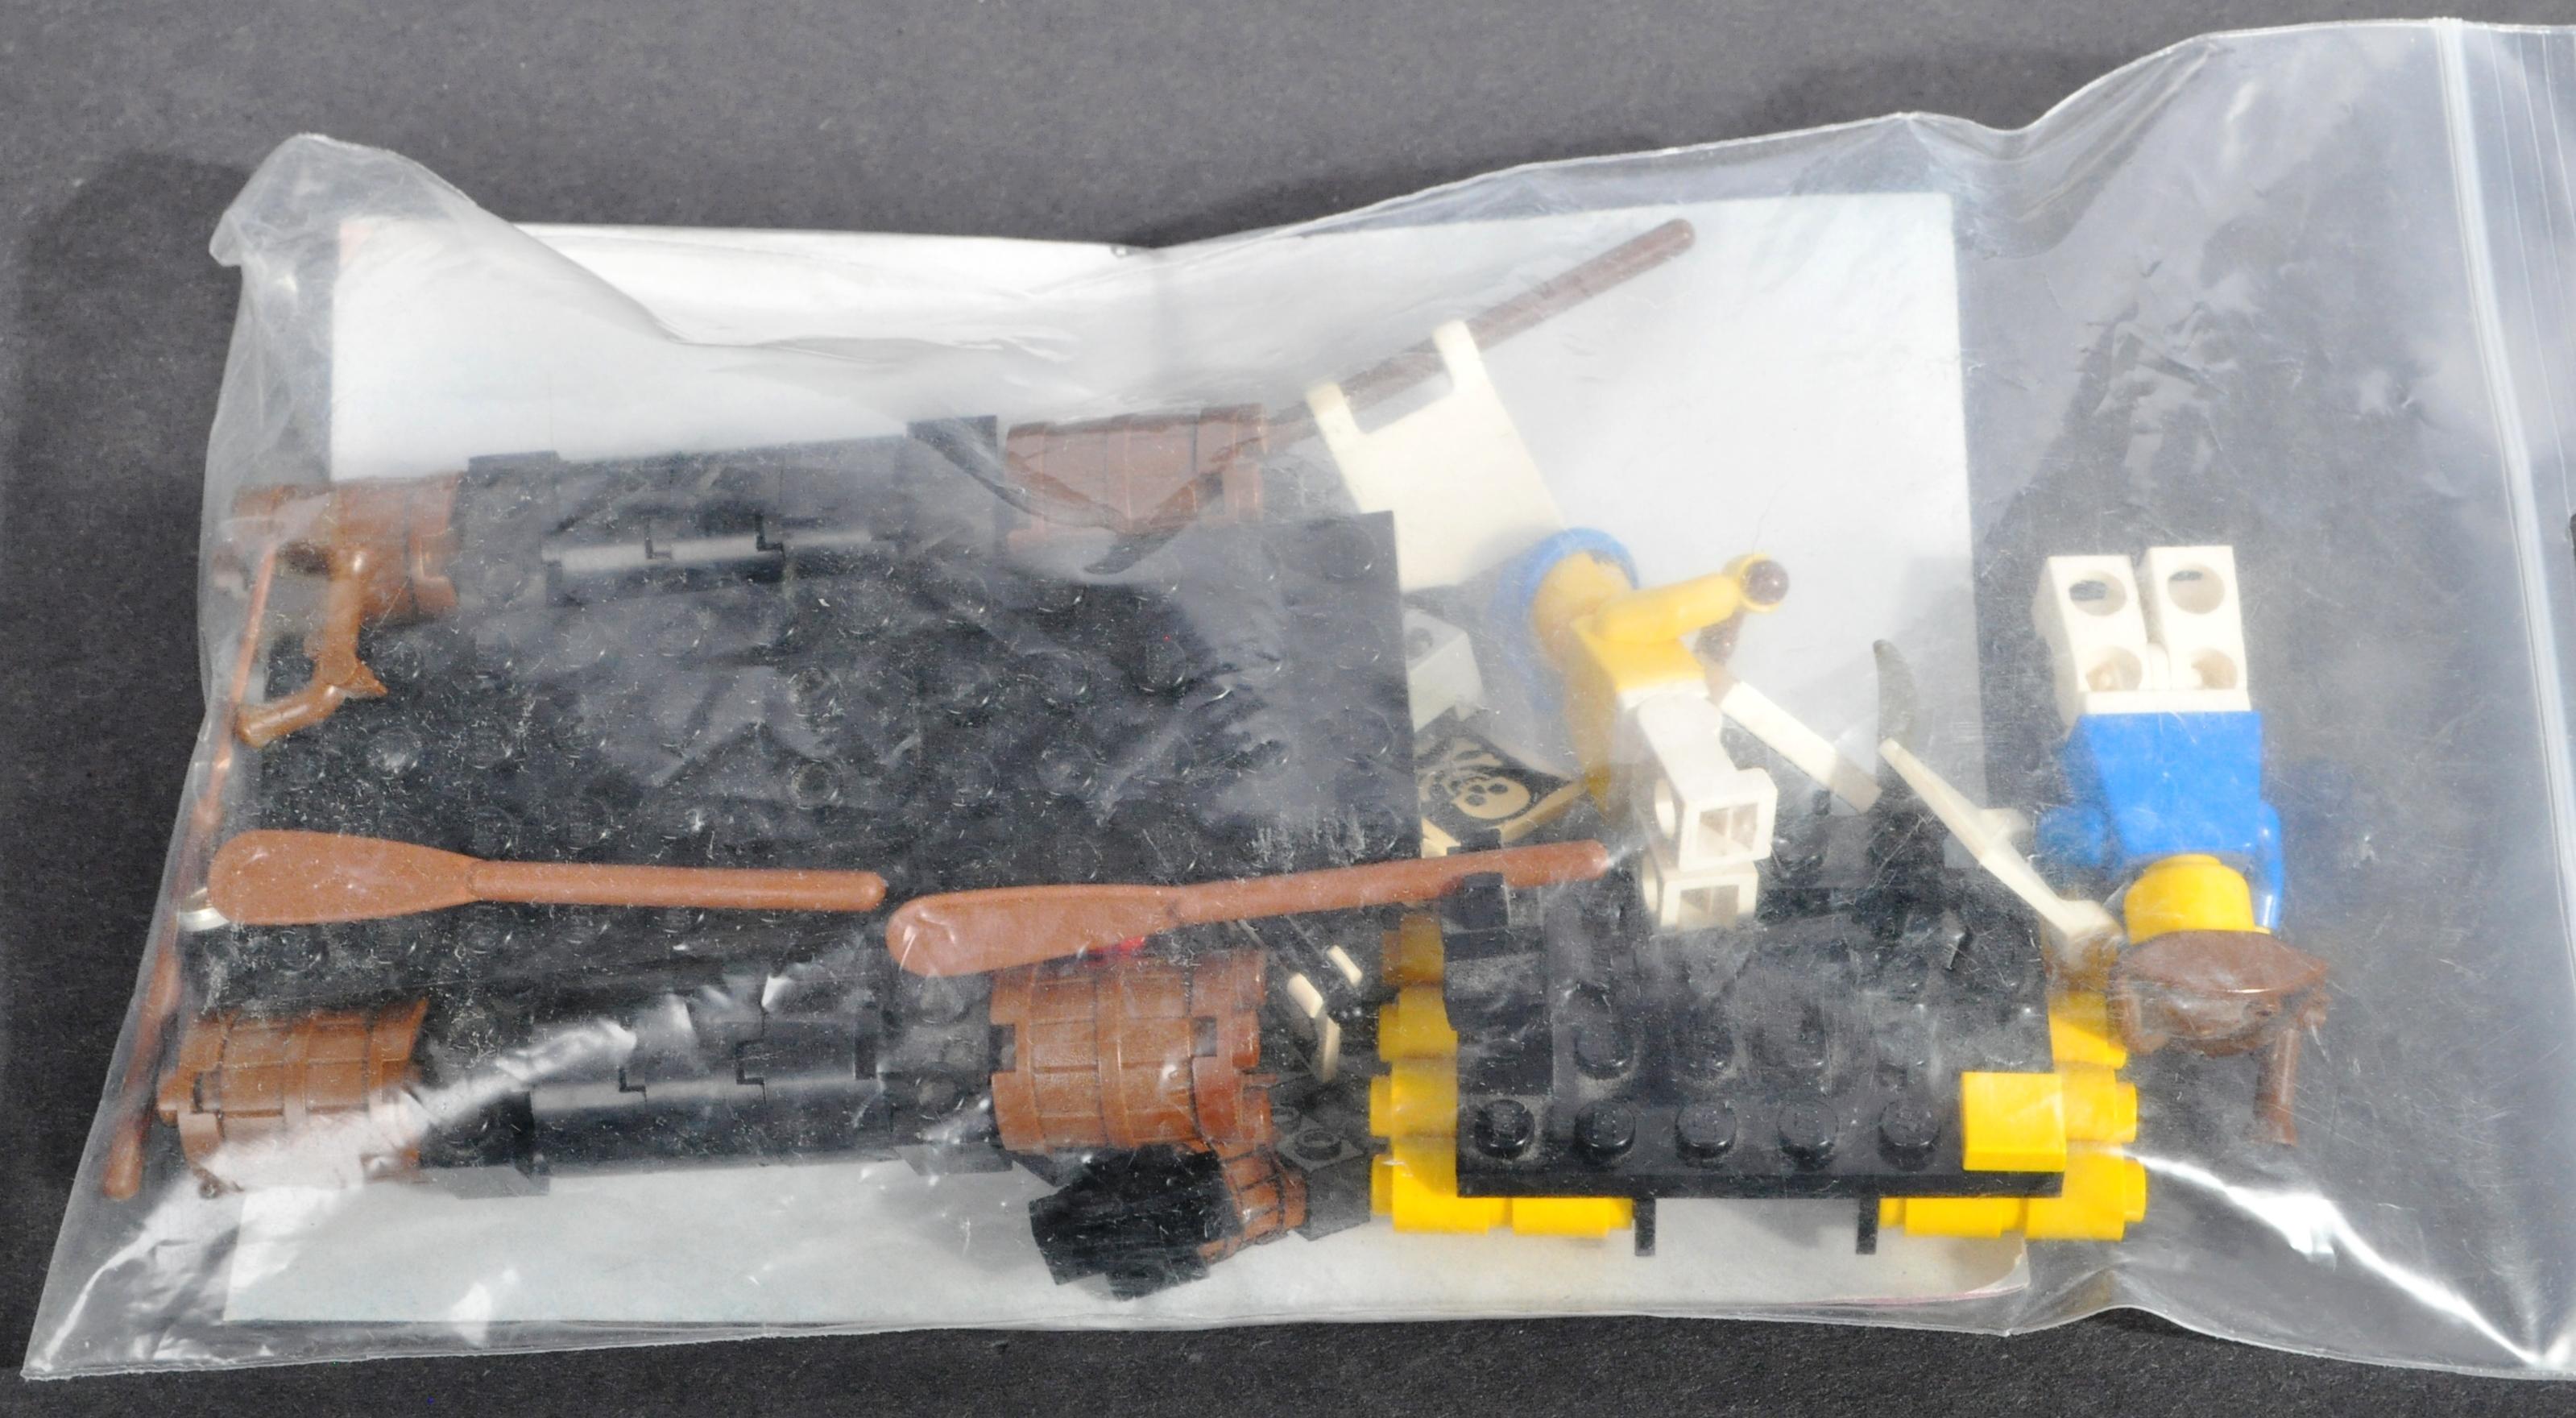 LEGO SETS - LEGO LAND - 6054 / 6245 / 6257 - Image 3 of 4